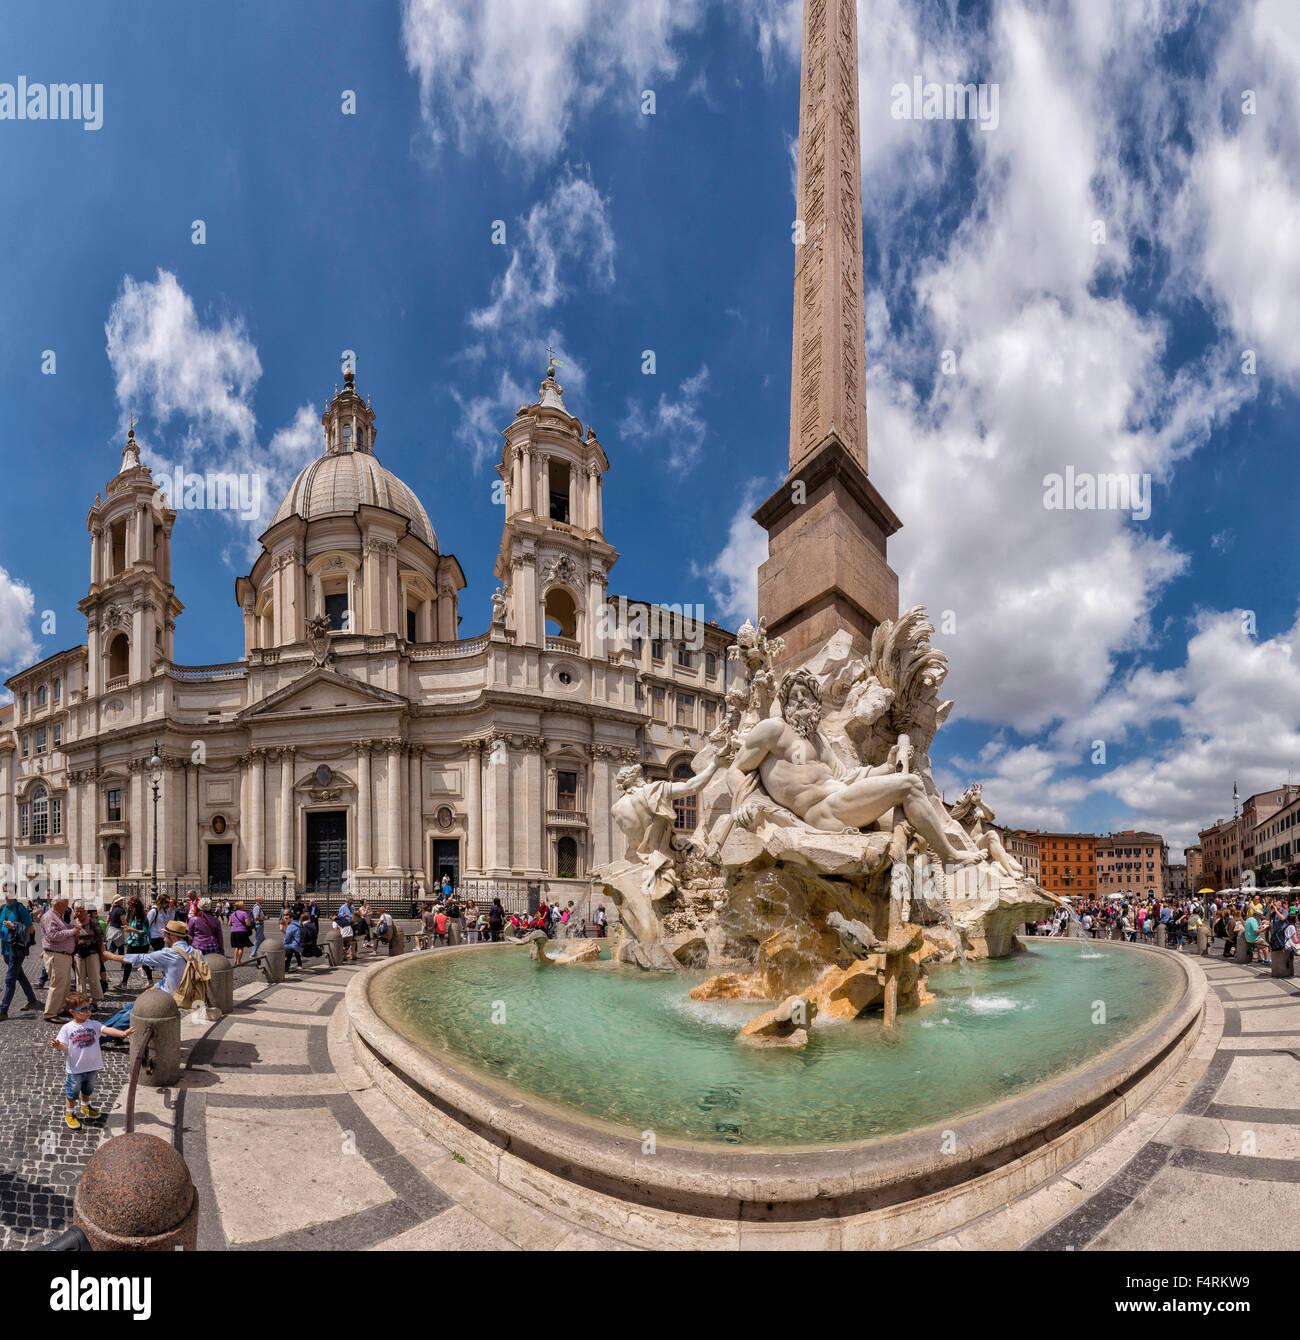 L'Italie, l'Europe, Lazio, Rome, Roma, ville, village, l'eau, le printemps, les gens, fontaine, Piazza Navona, Sant'Agnese Banque D'Images